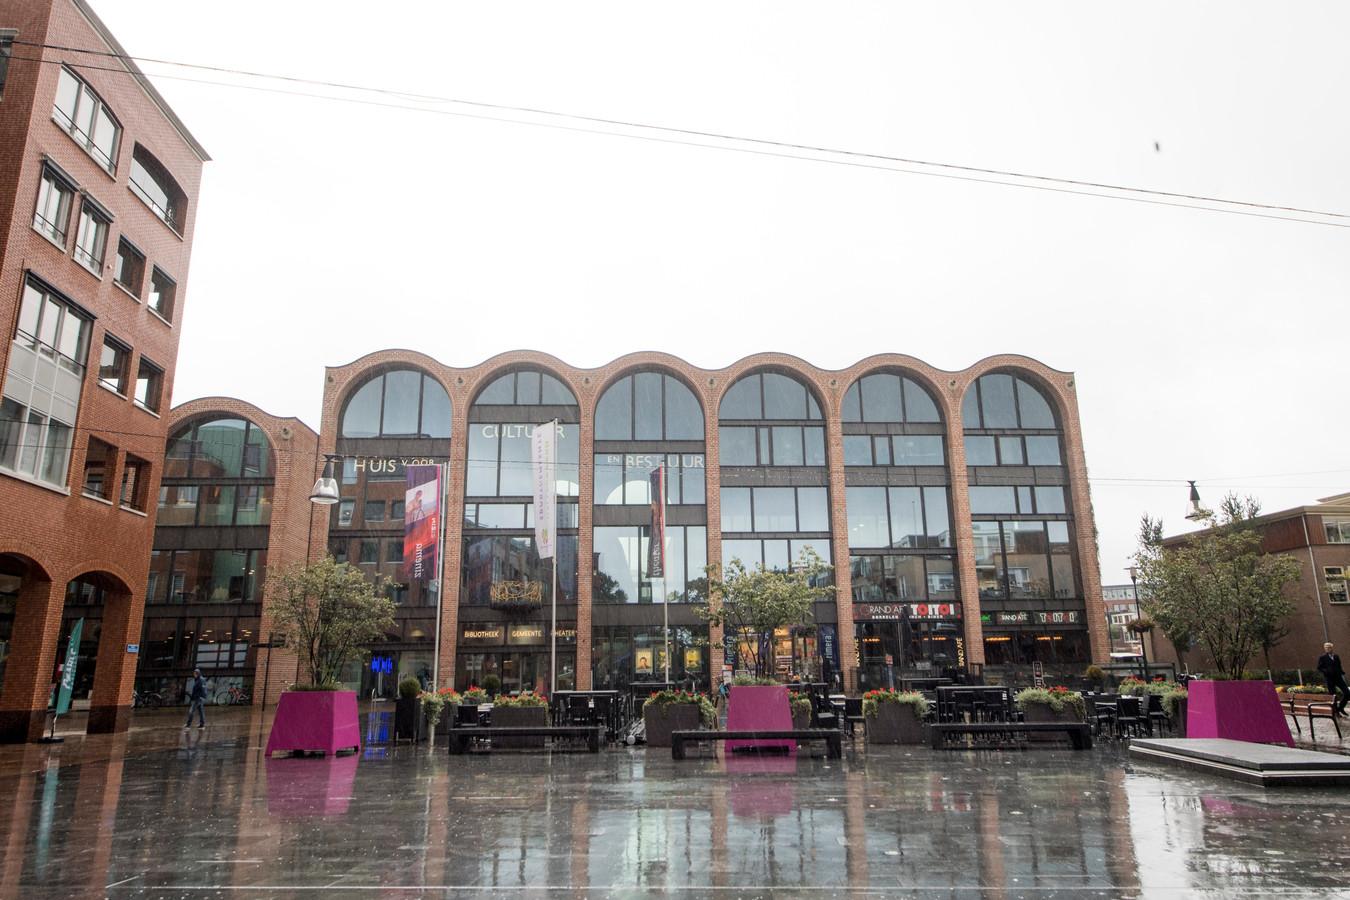 De gemeente Hellendoorn gaat de openingstijden op donderdagavond het Huis voor Cultuur en Bestuur beperken.